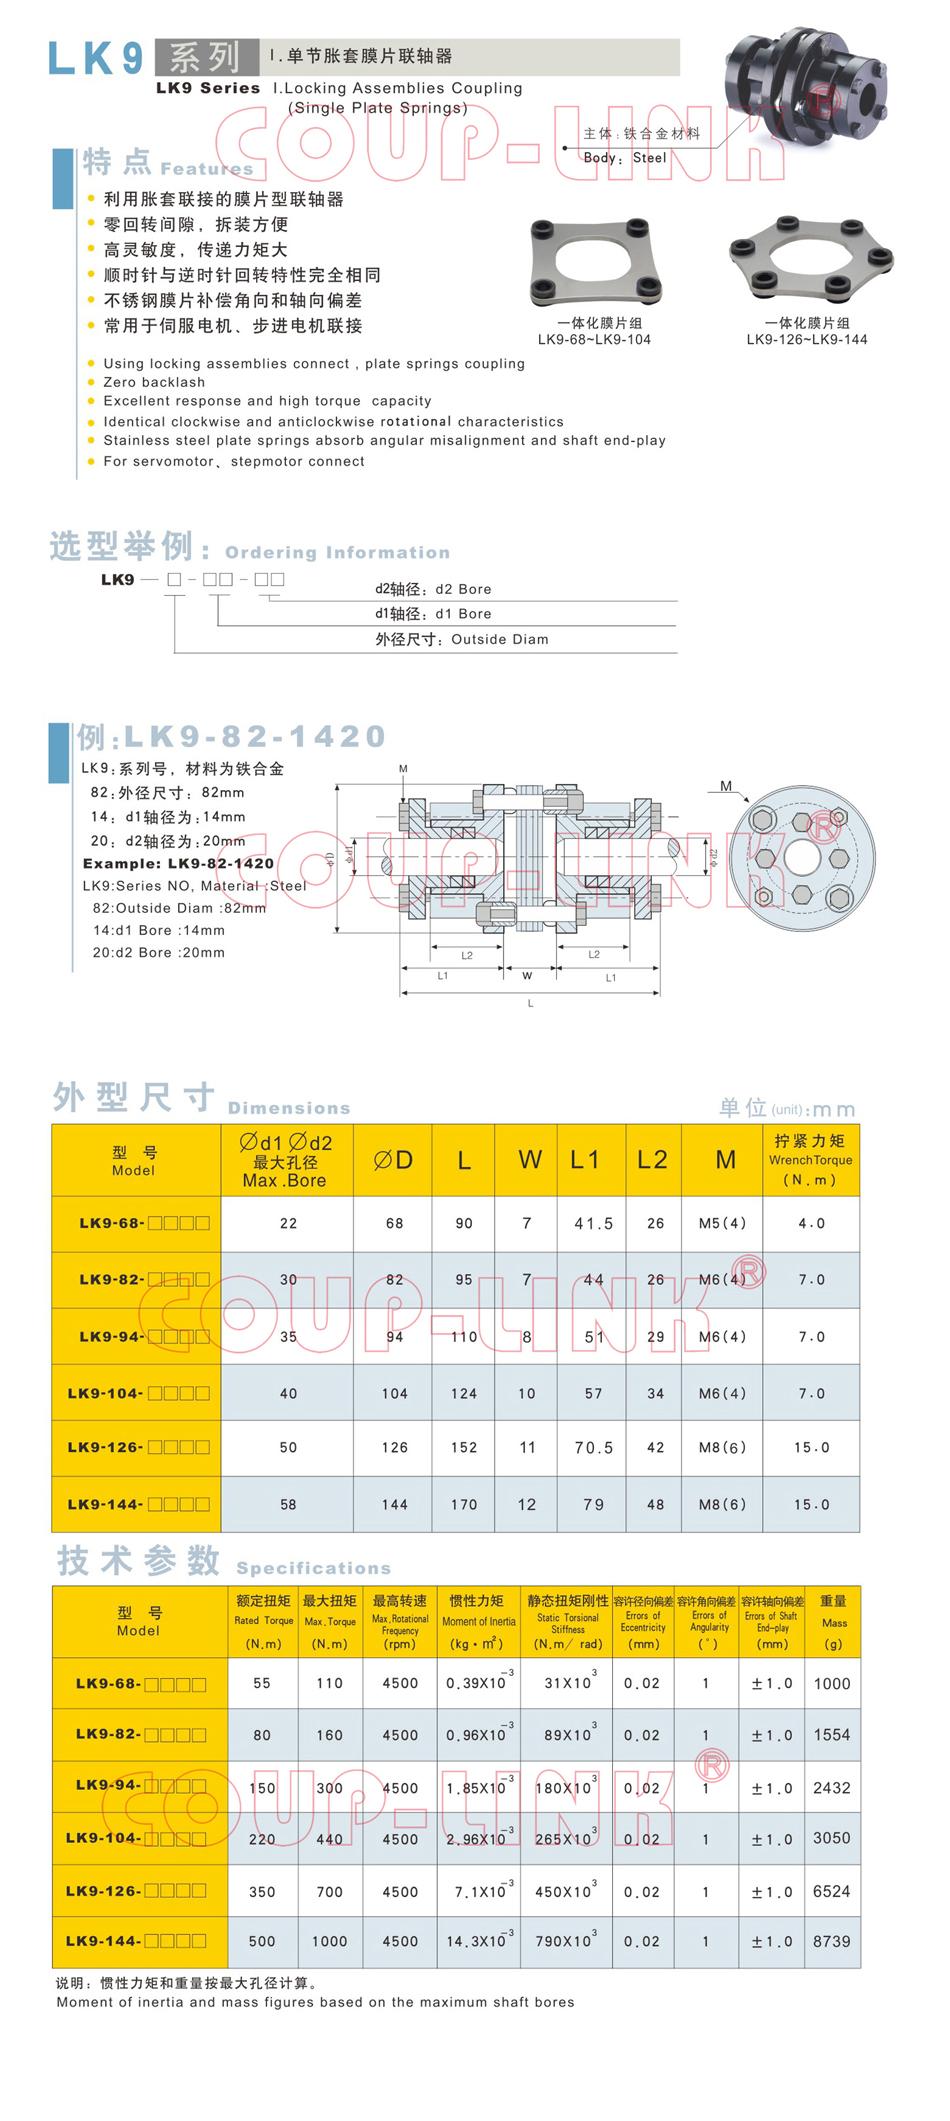 LK9系列 单节胀套膜片联轴器_联轴器种类-广州菱科自动化设备有限公司